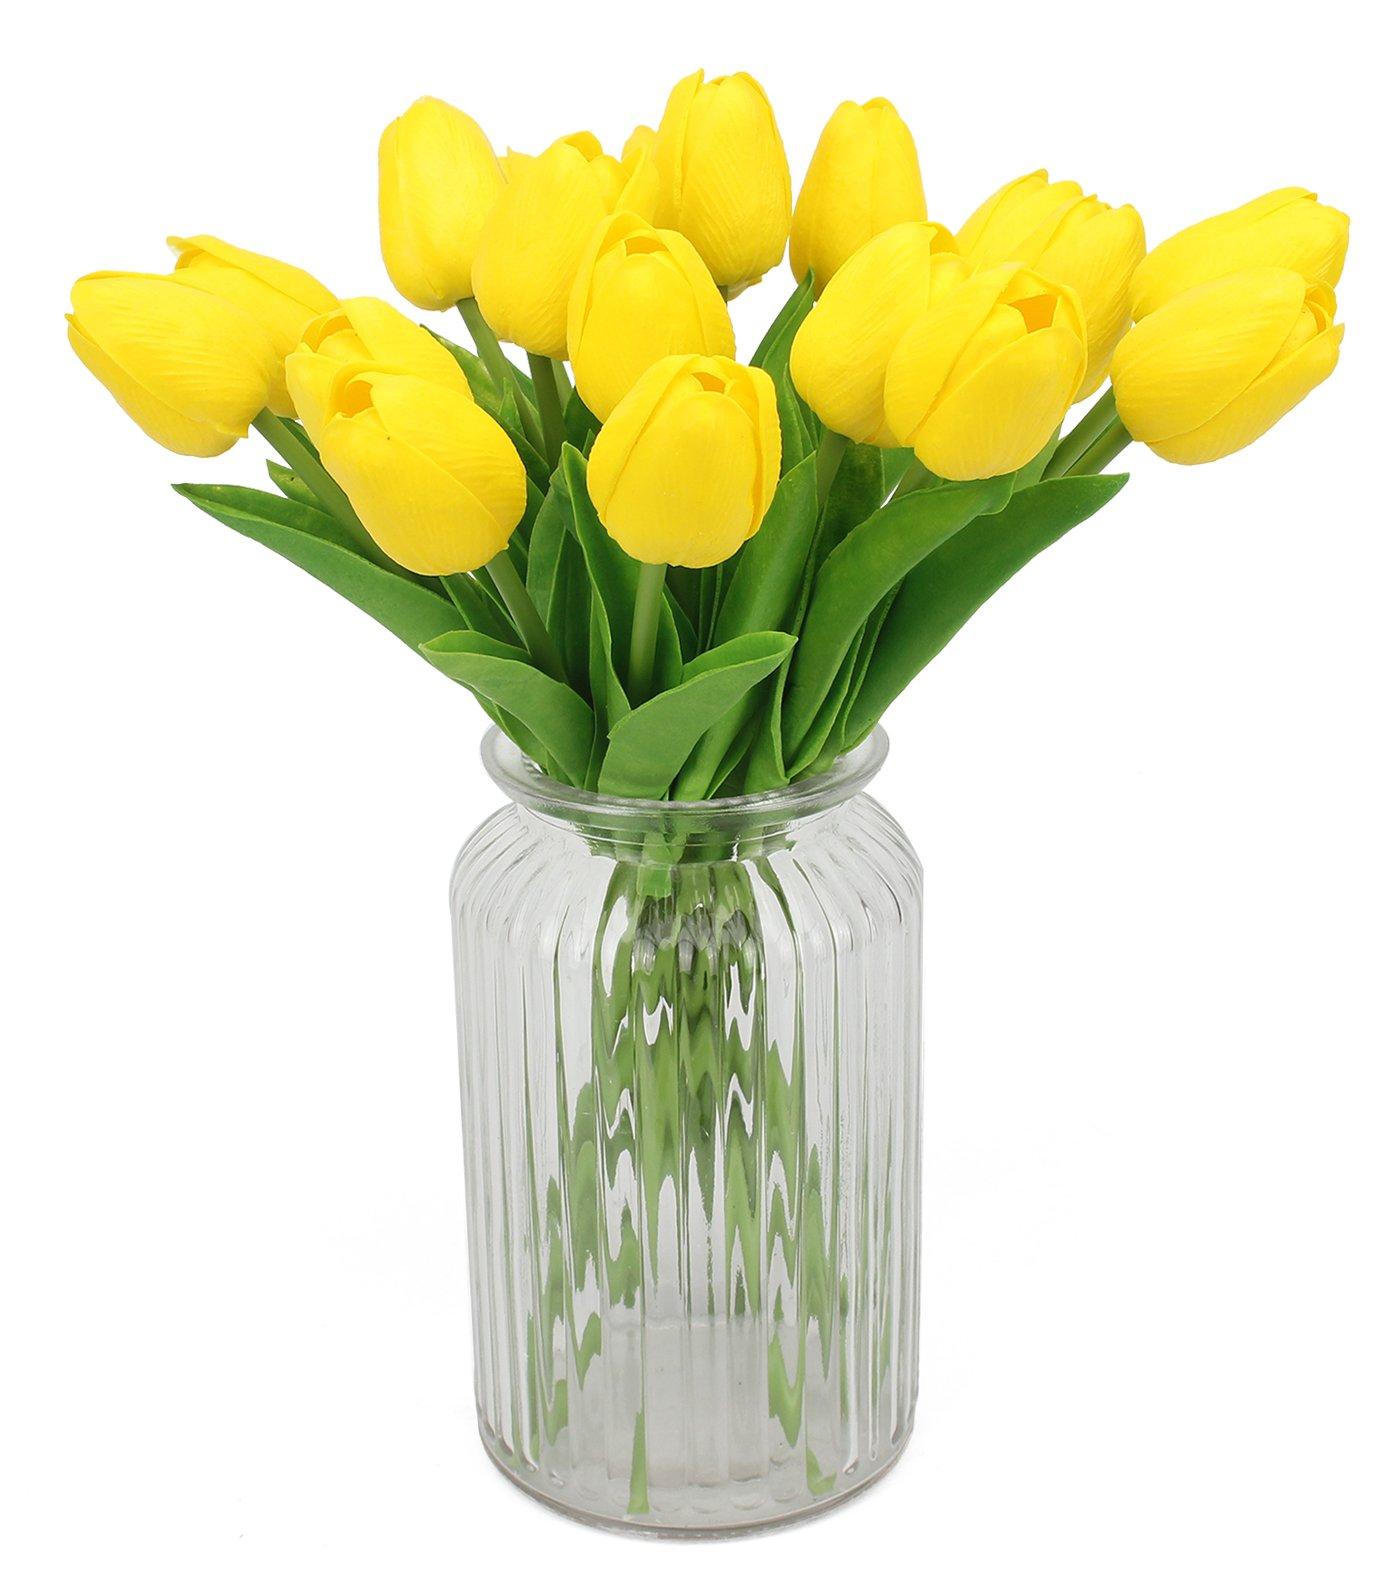 Xiuer – Ramo de flores artificiales de 20 cabezas de tulipanes artificiales de tacto real para decoración del hogar o la habitación.